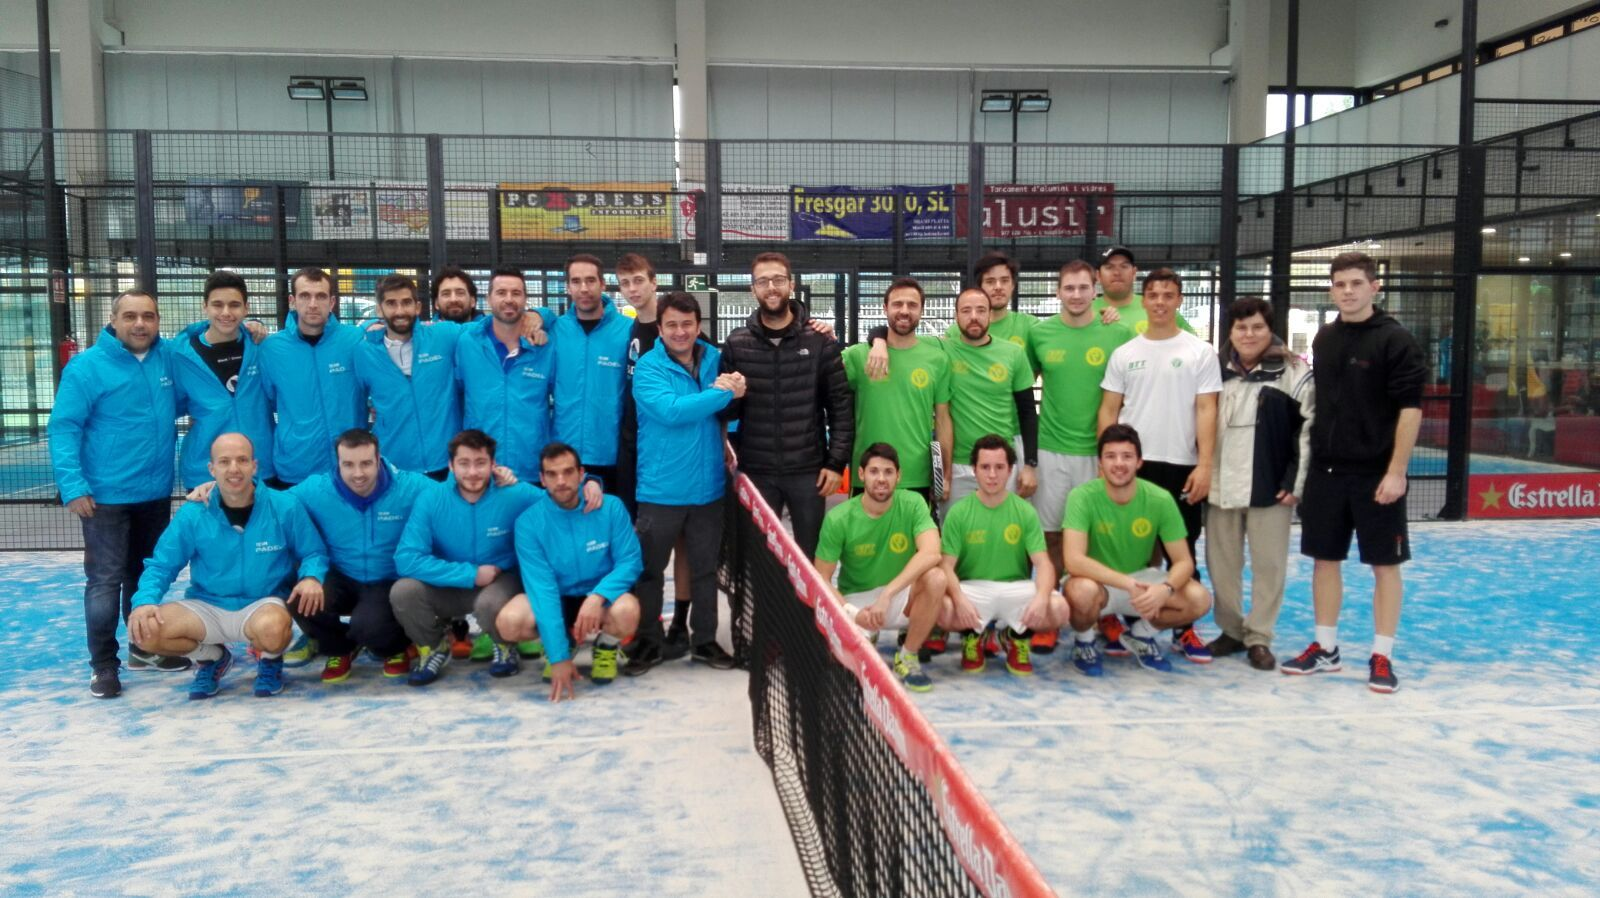 El Pàdel Indoor Mataró i el CE Valldoreix han jugat la final, que ha guanyat l'equip blau per un ajustat 3 punts a 2. FOTO: Club Esportiu Valldoreix